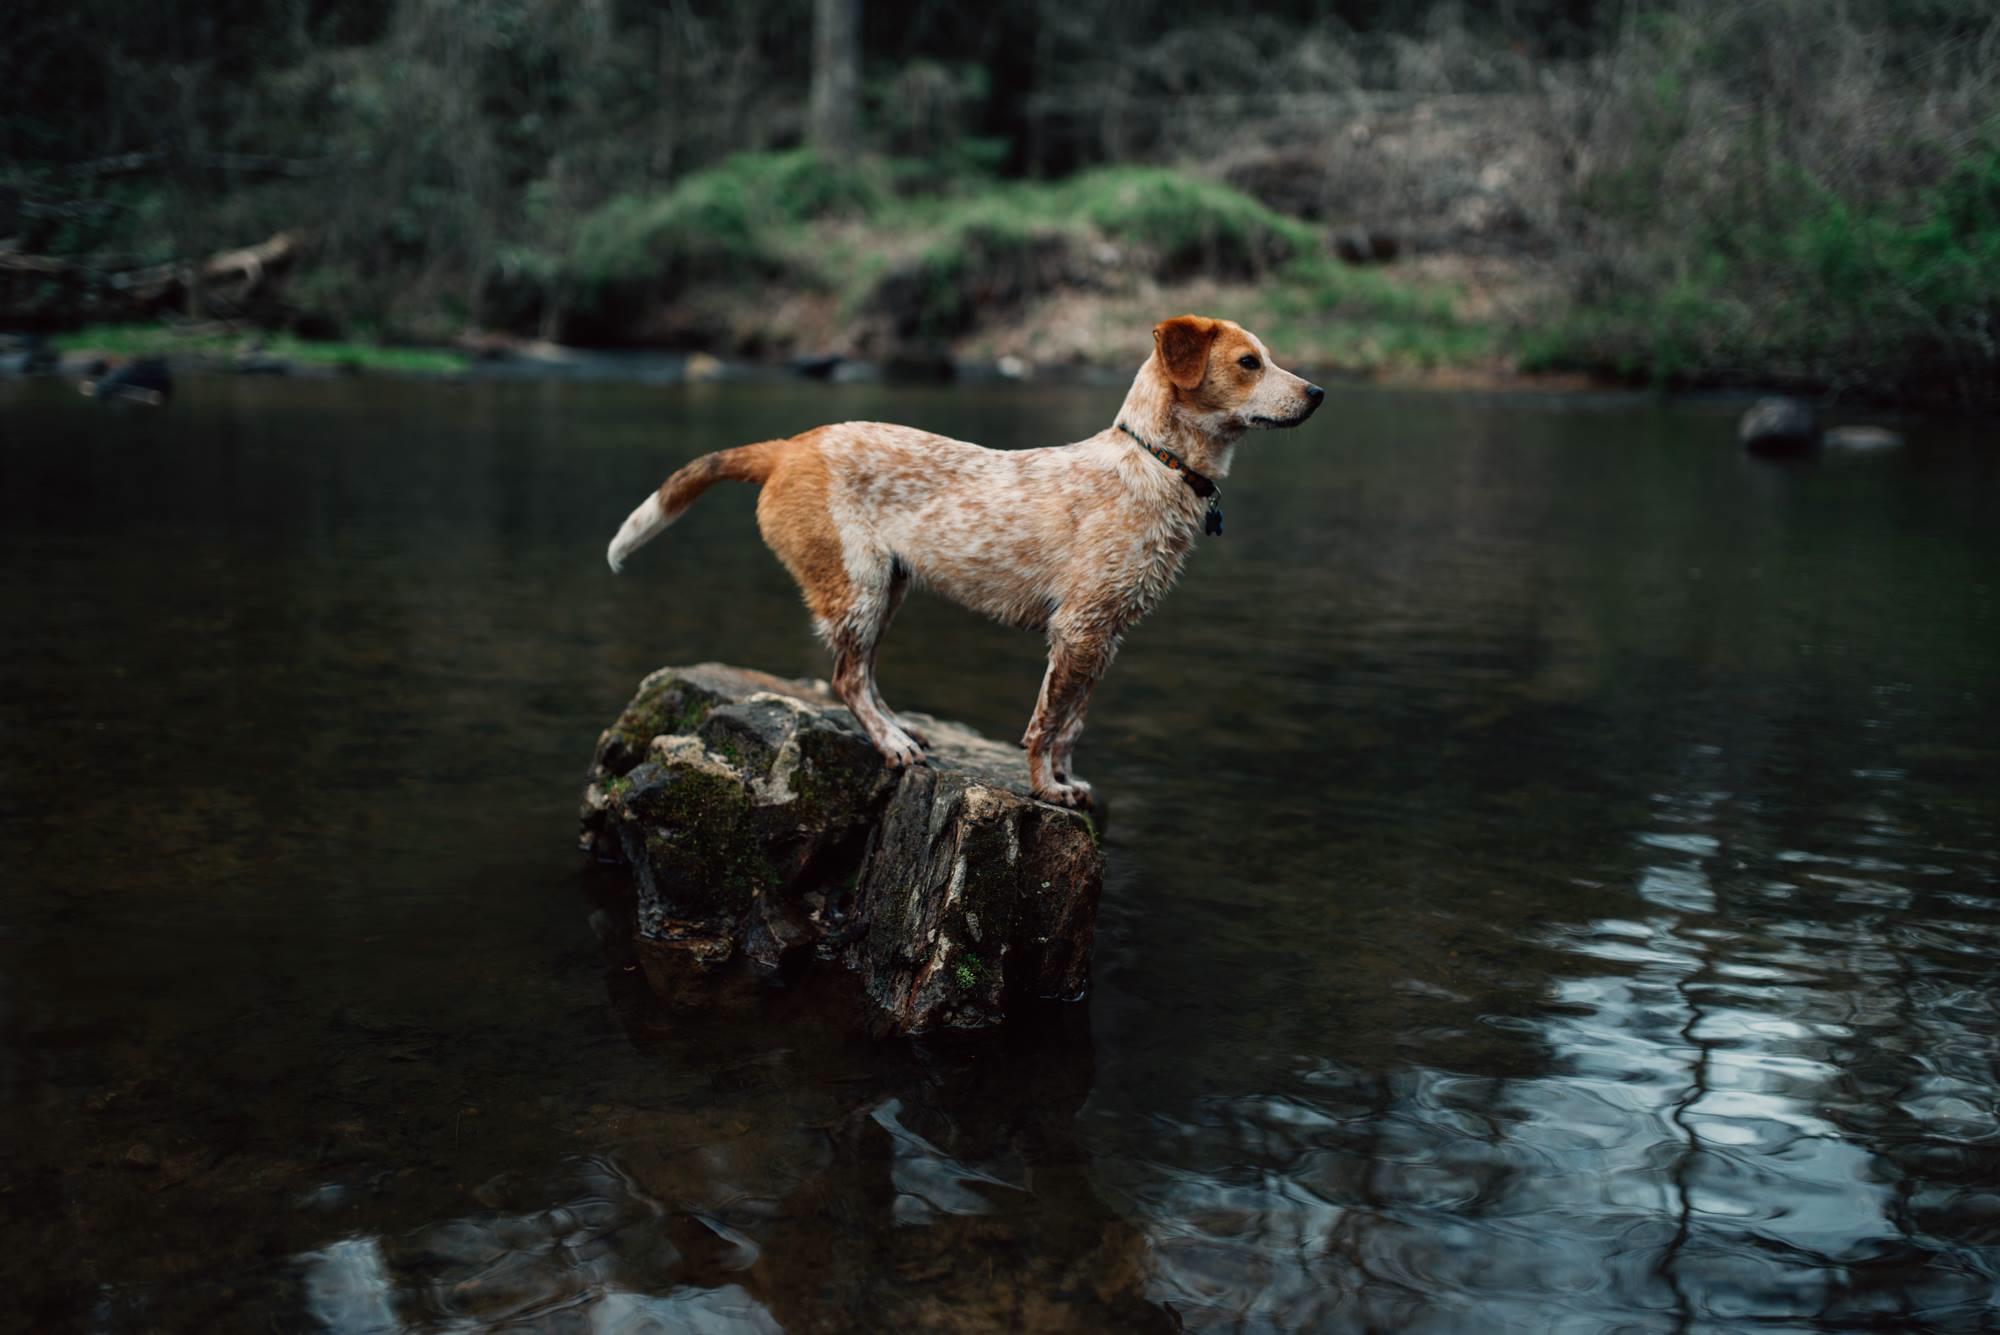 canine autoimmune disease dog